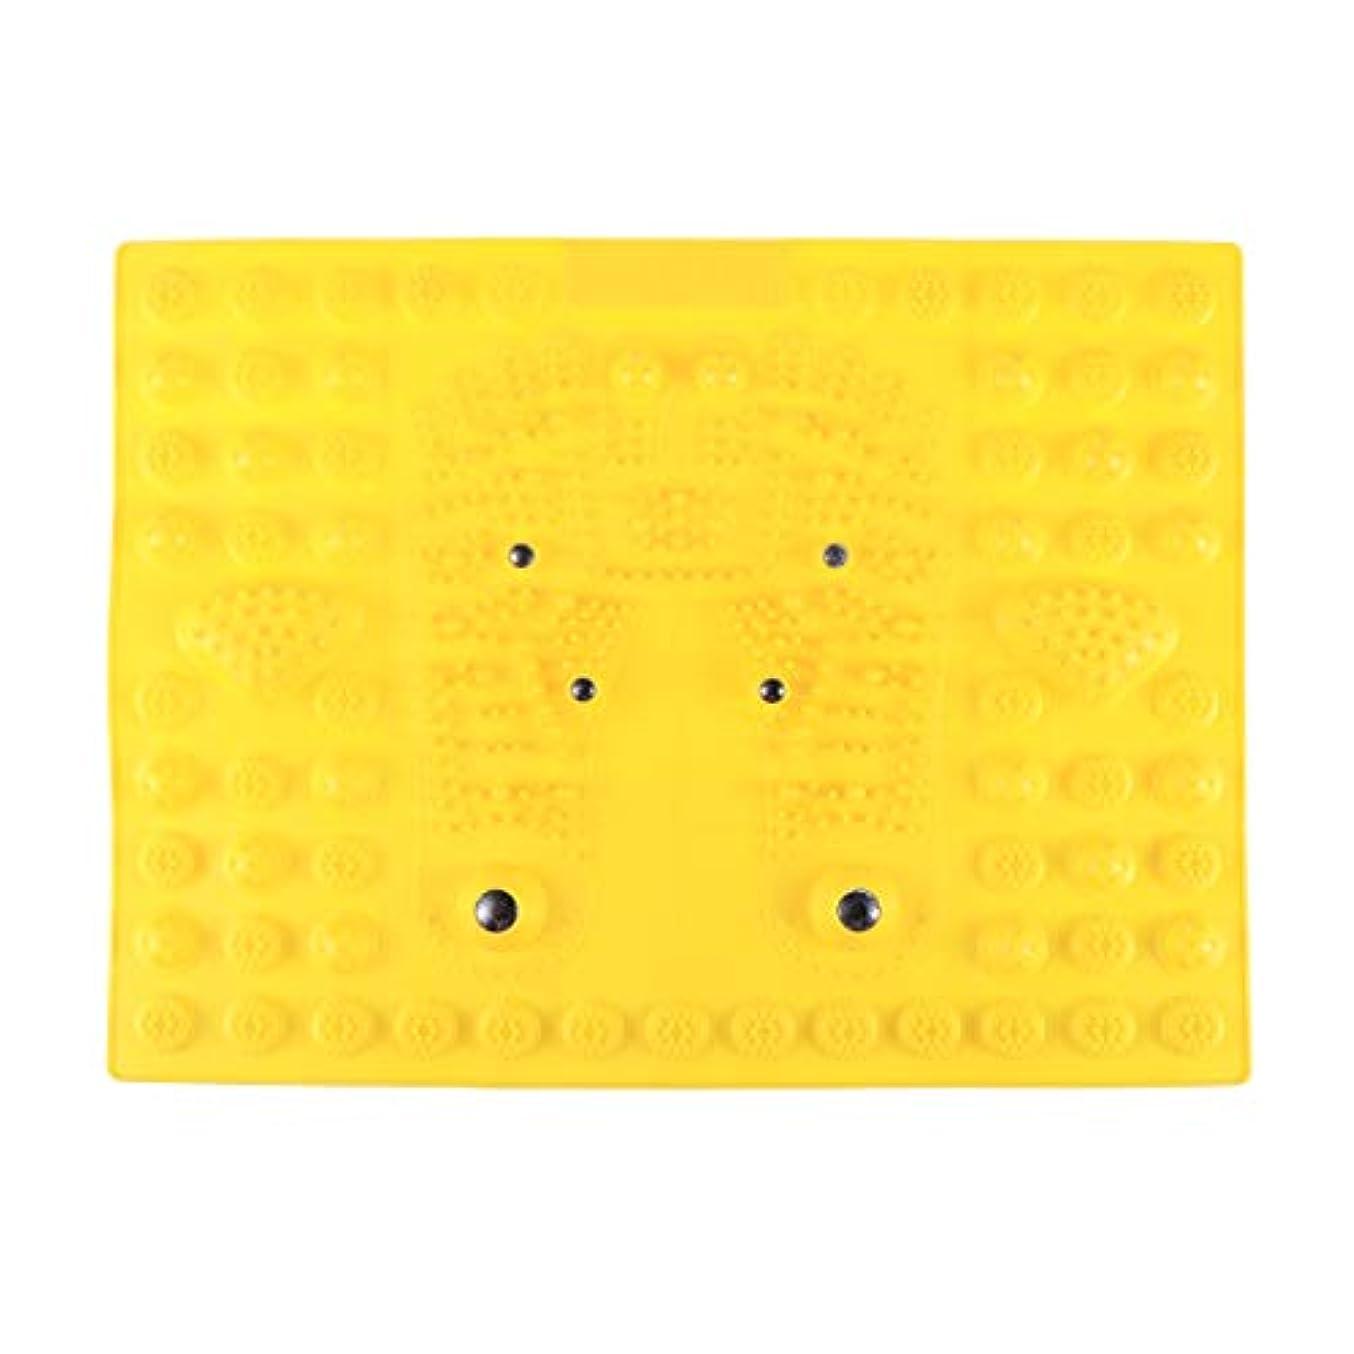 重量トレッド飲み込むHealifty 指圧フットマットフット磁気療法マッサージャーガーデンマッサージパッド(イエロー)